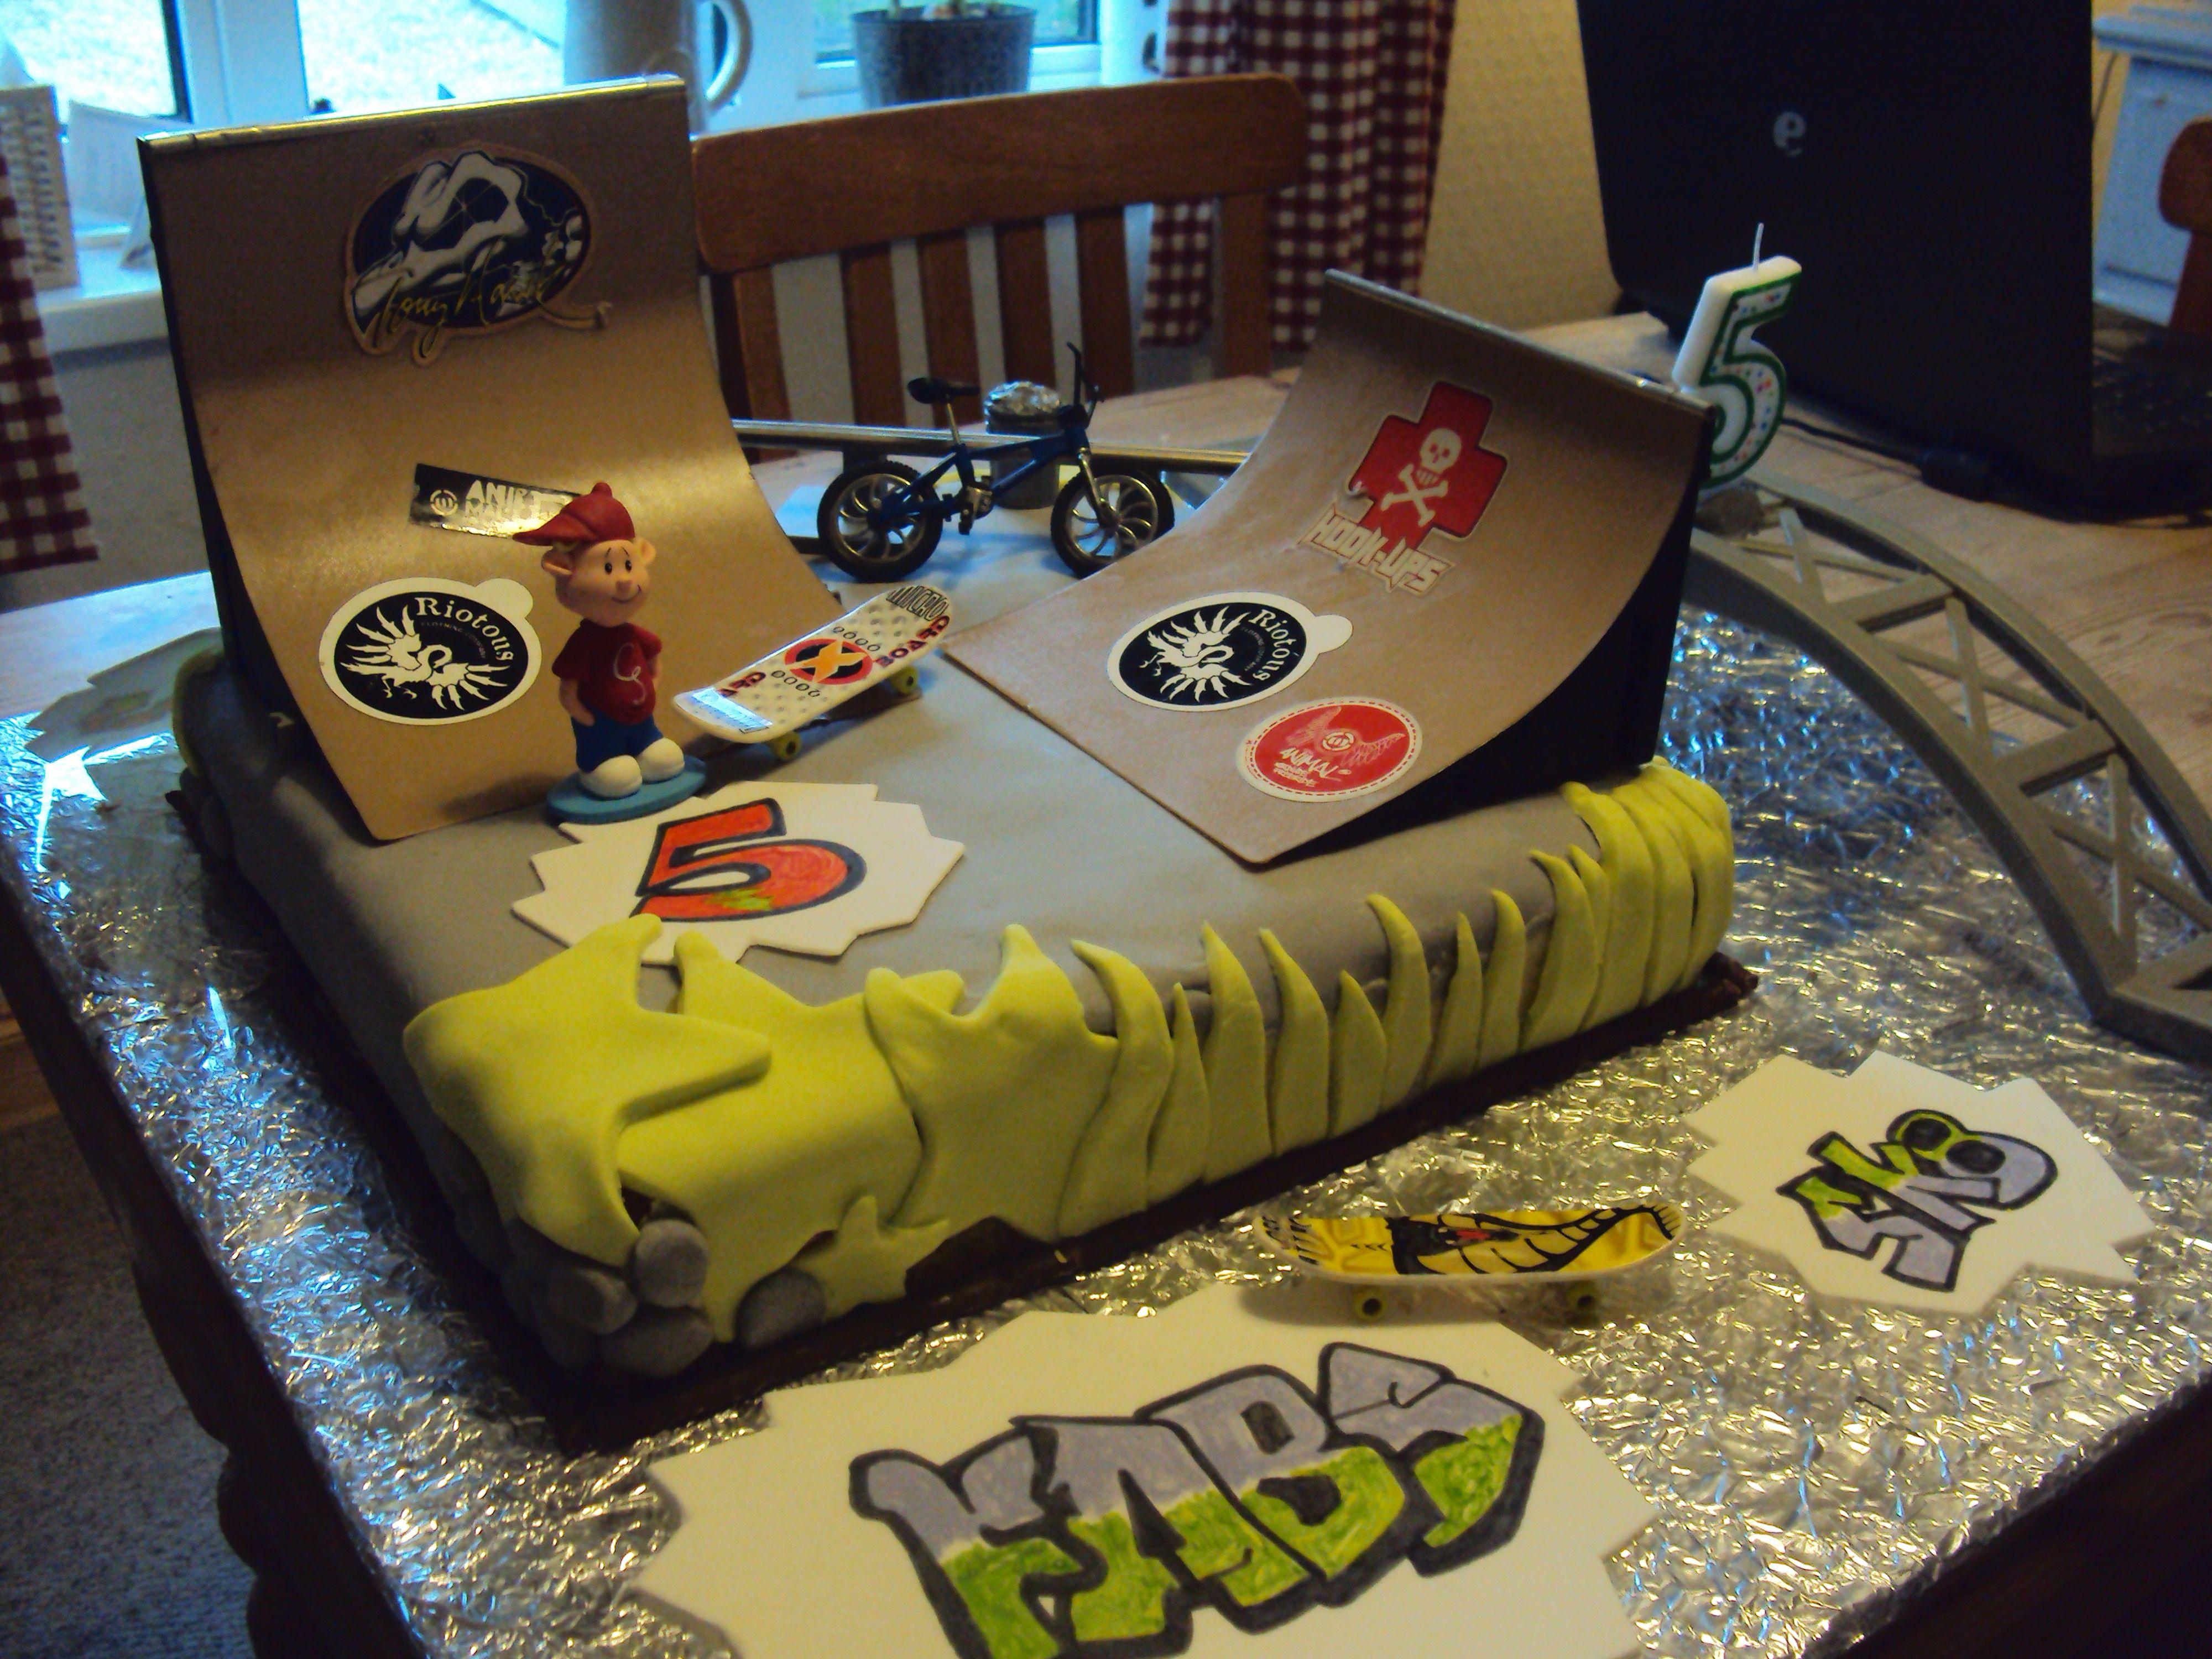 How To Make Skate Park Birthday Cake